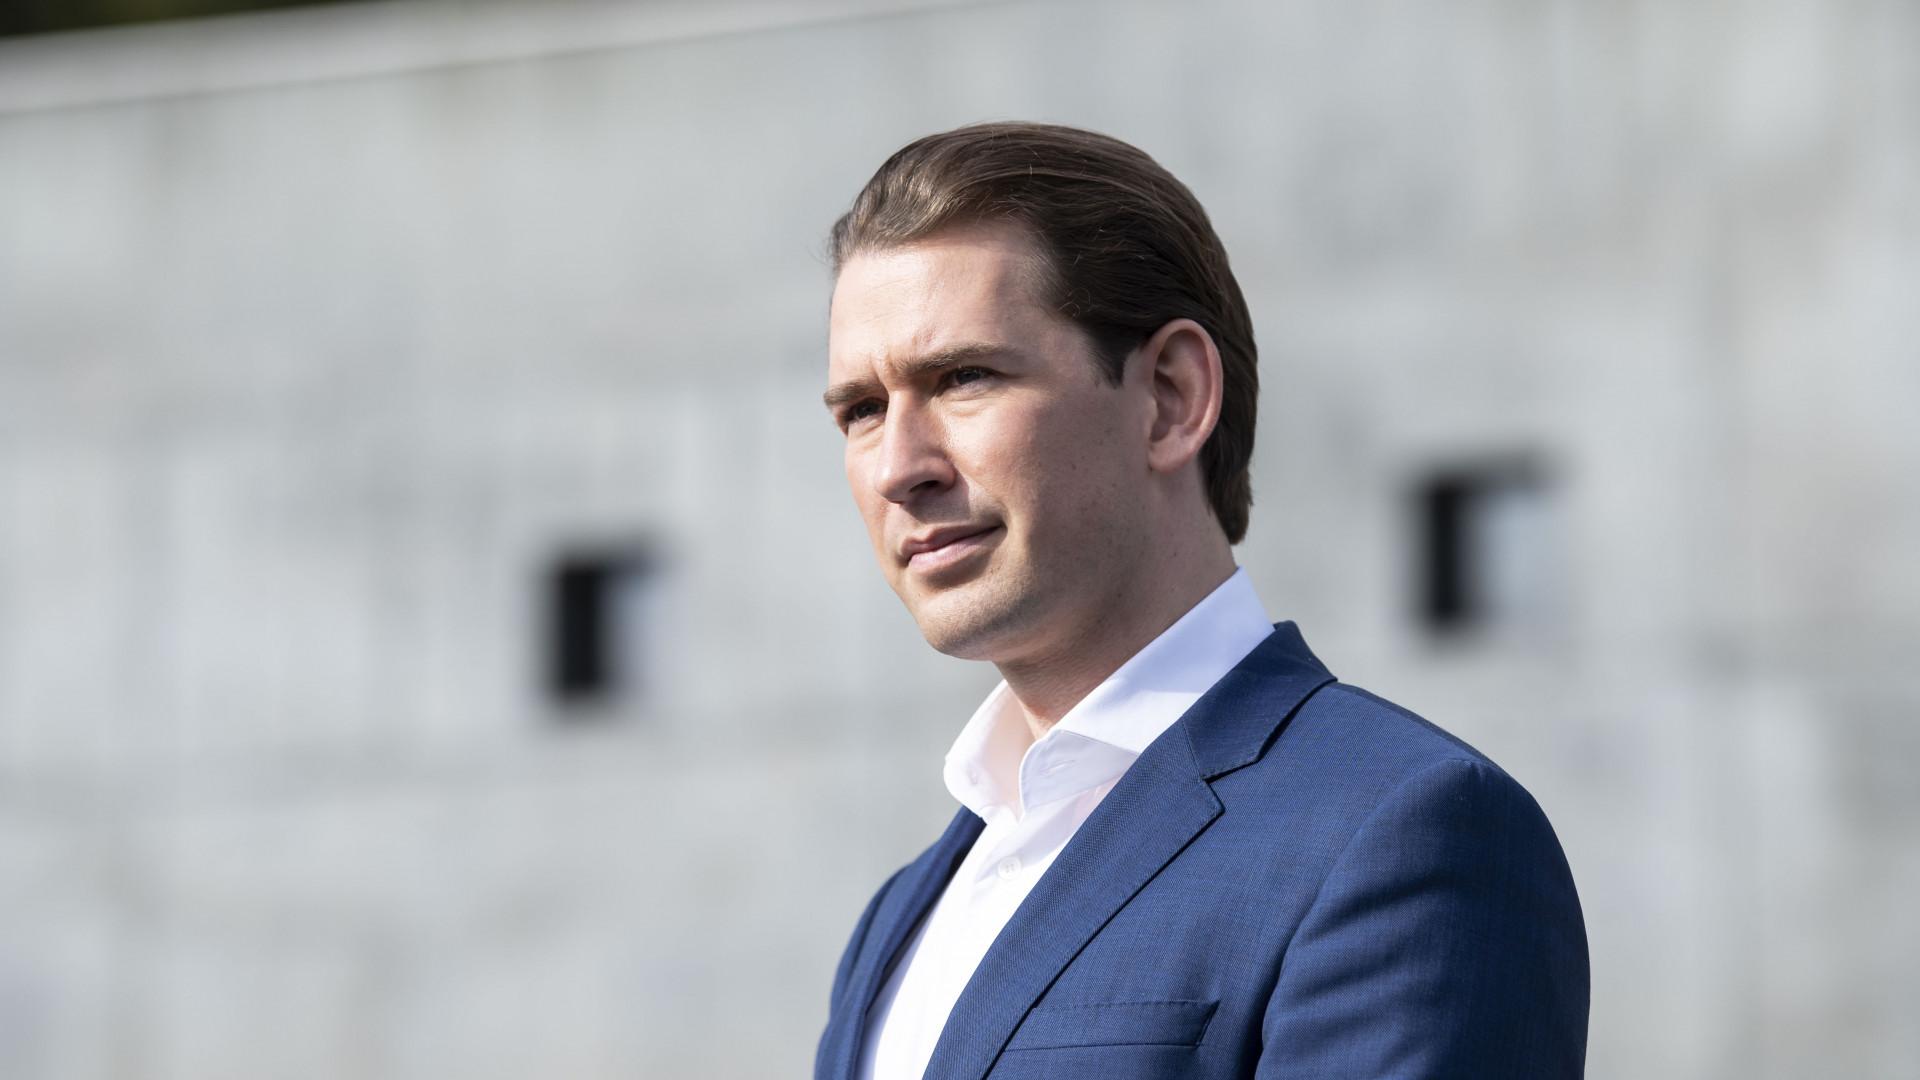 Drámai felszólítás az osztrák kancellártól: Ne találkozzanak senkivel!